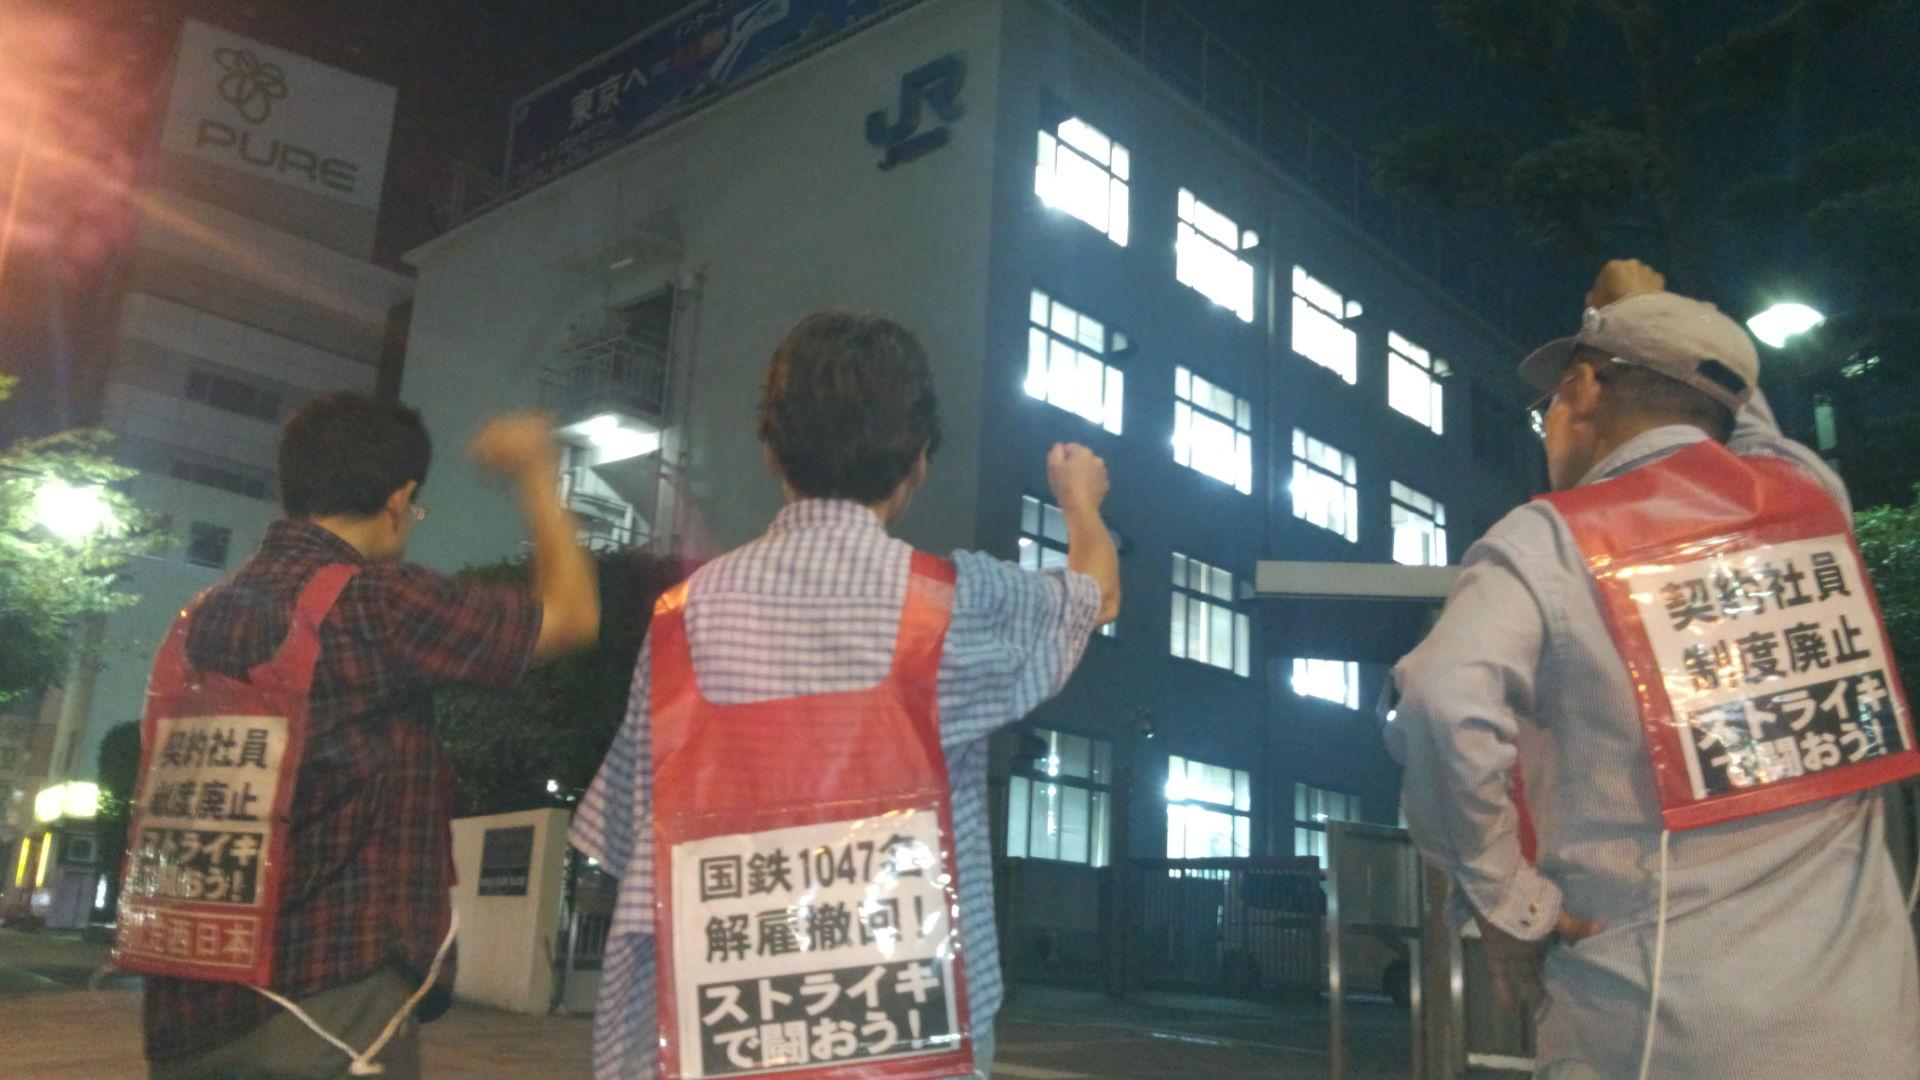 JR岡山支社前で国鉄解雇撤回署名を集める_d0155415_1026573.jpg